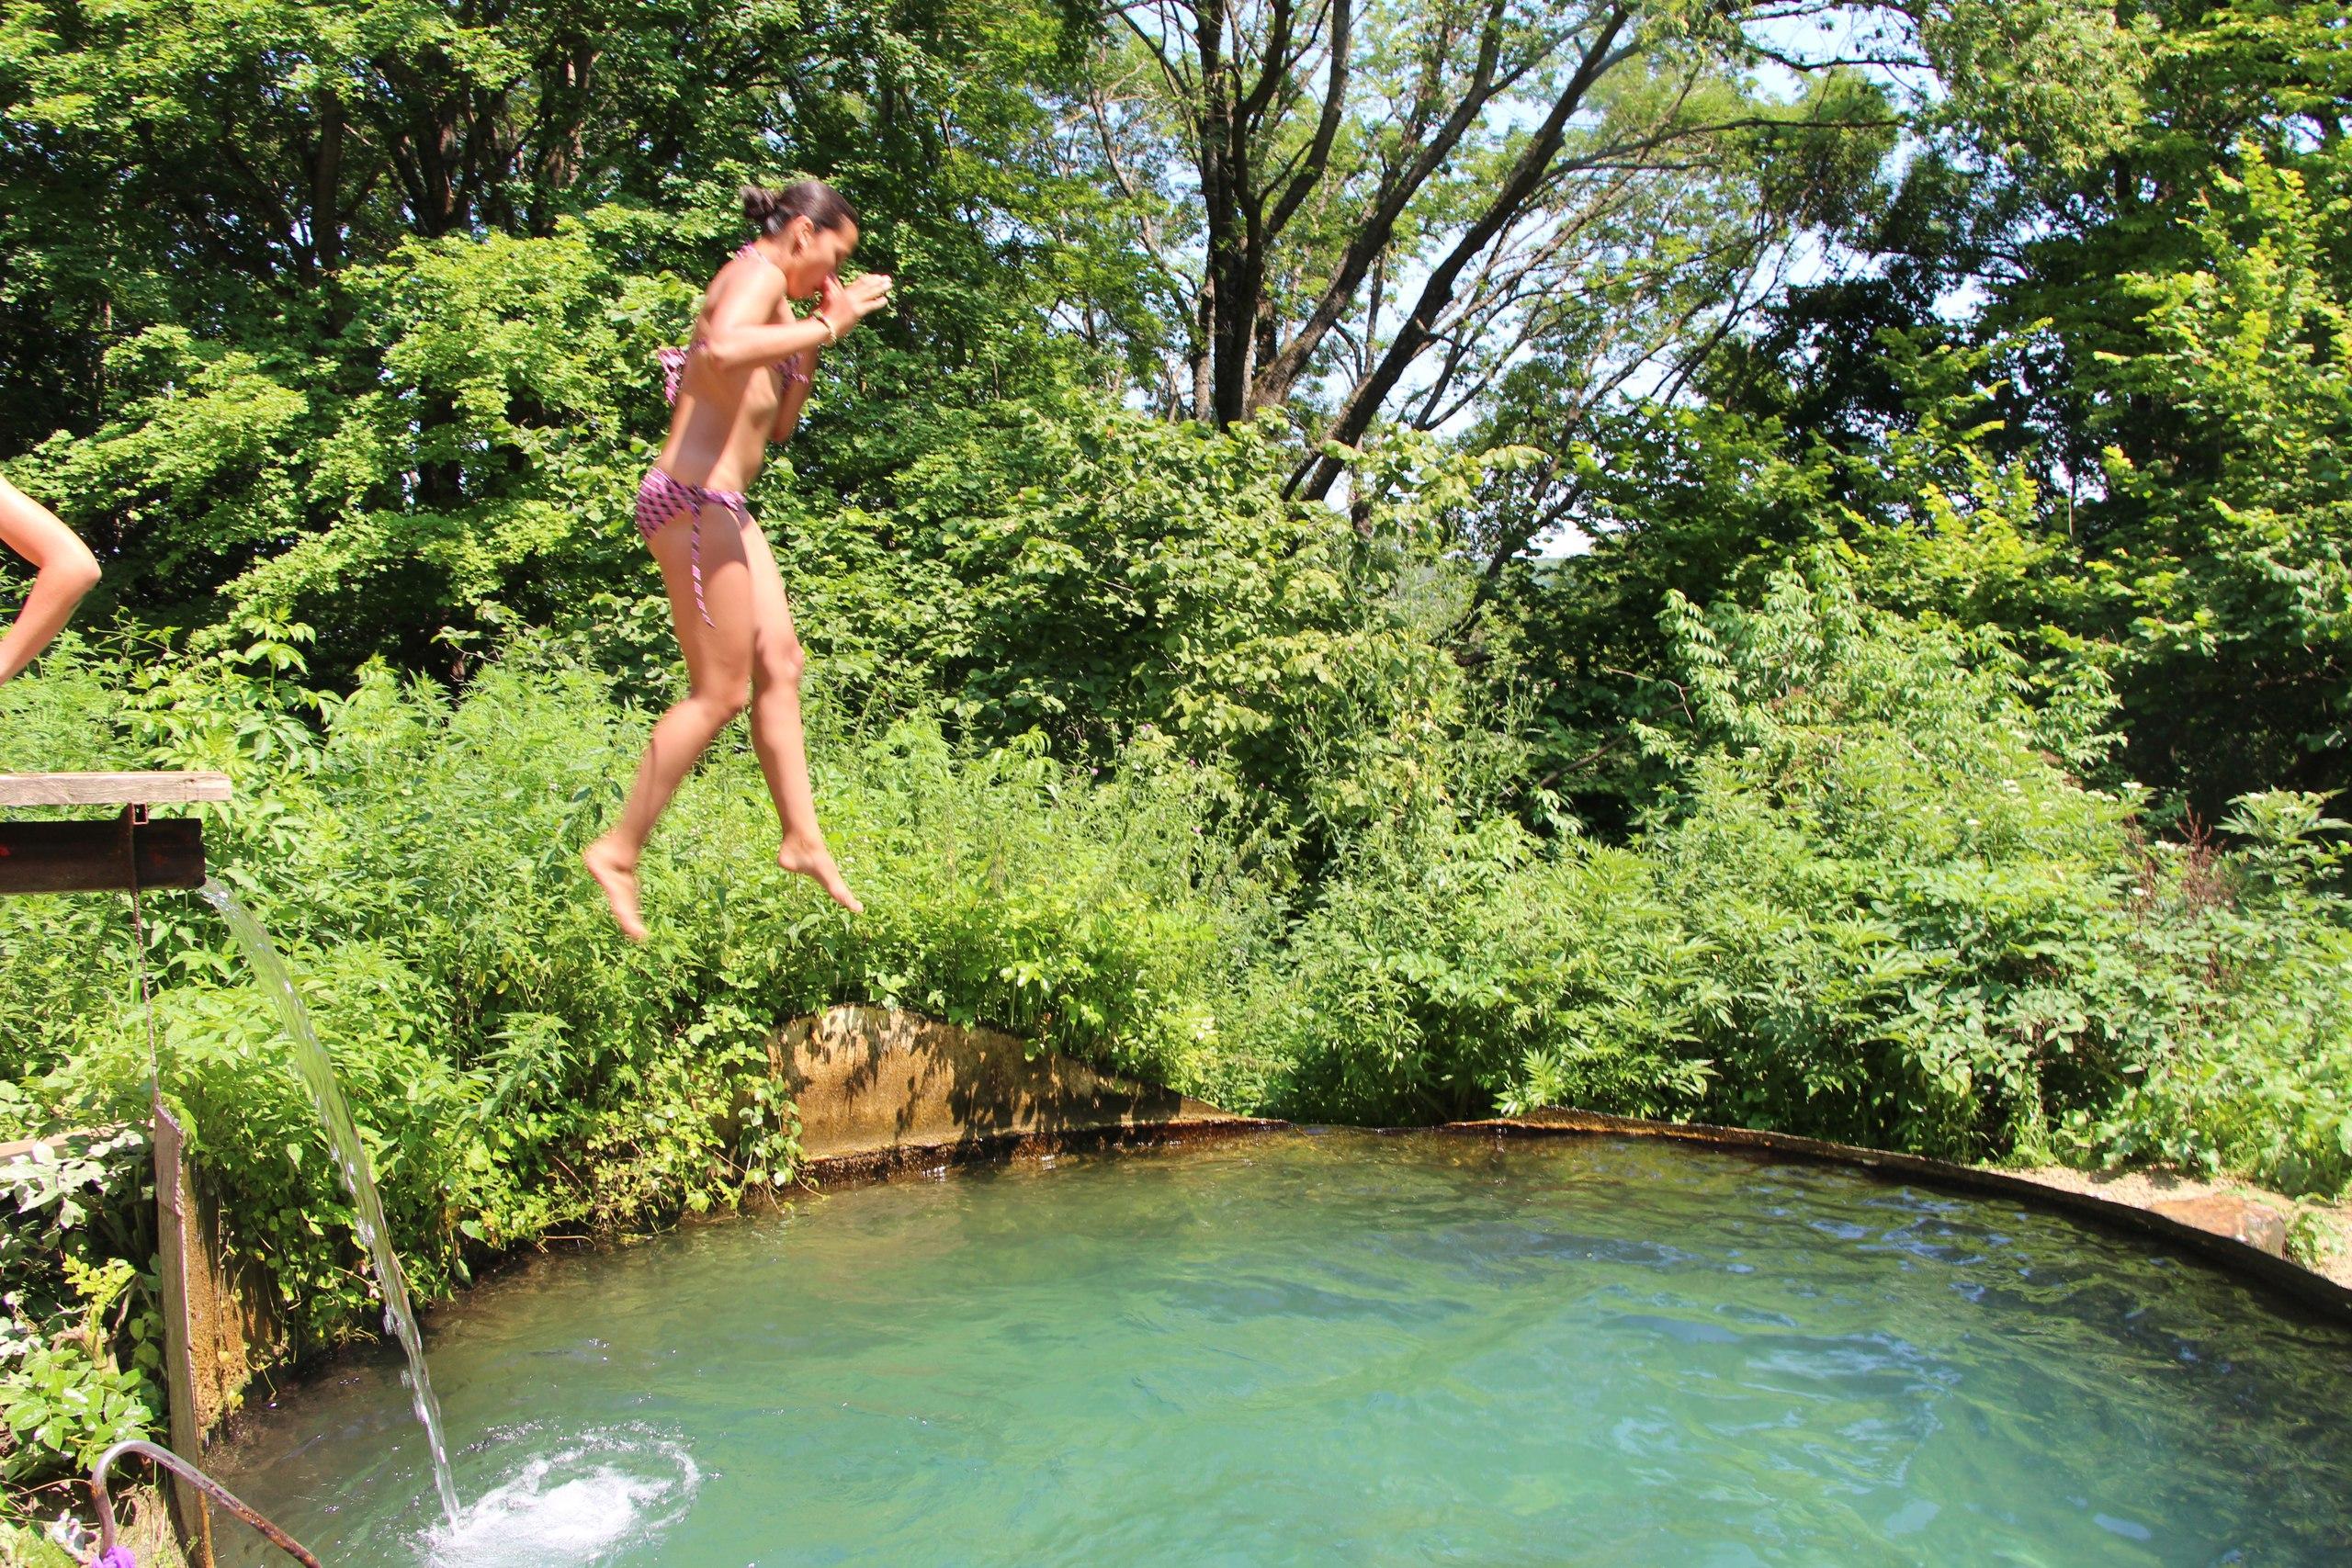 Совместные купания в Родниковой купели! =) Фото 18 июля 2015 года =)